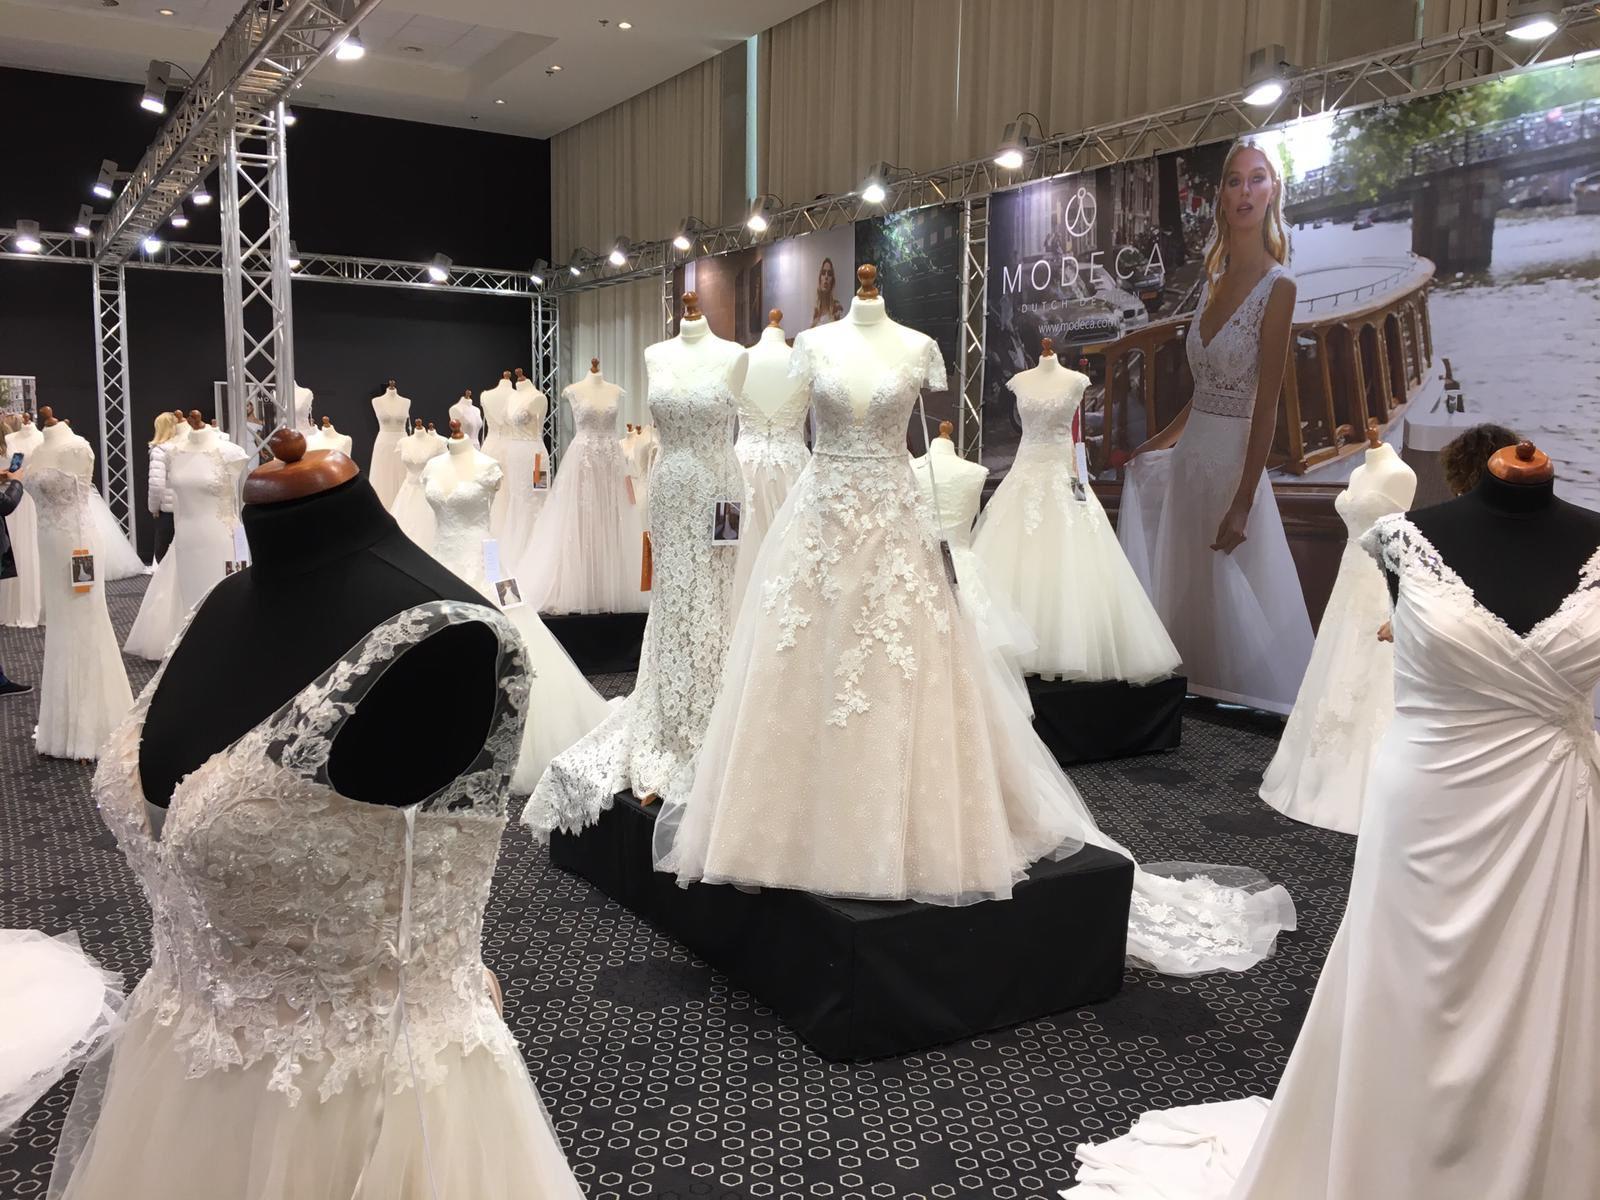 Trouwjurk Inkoop.Inkoop Trouwjurken Op Bridal Event Amsterdam Collectie 2020 Van